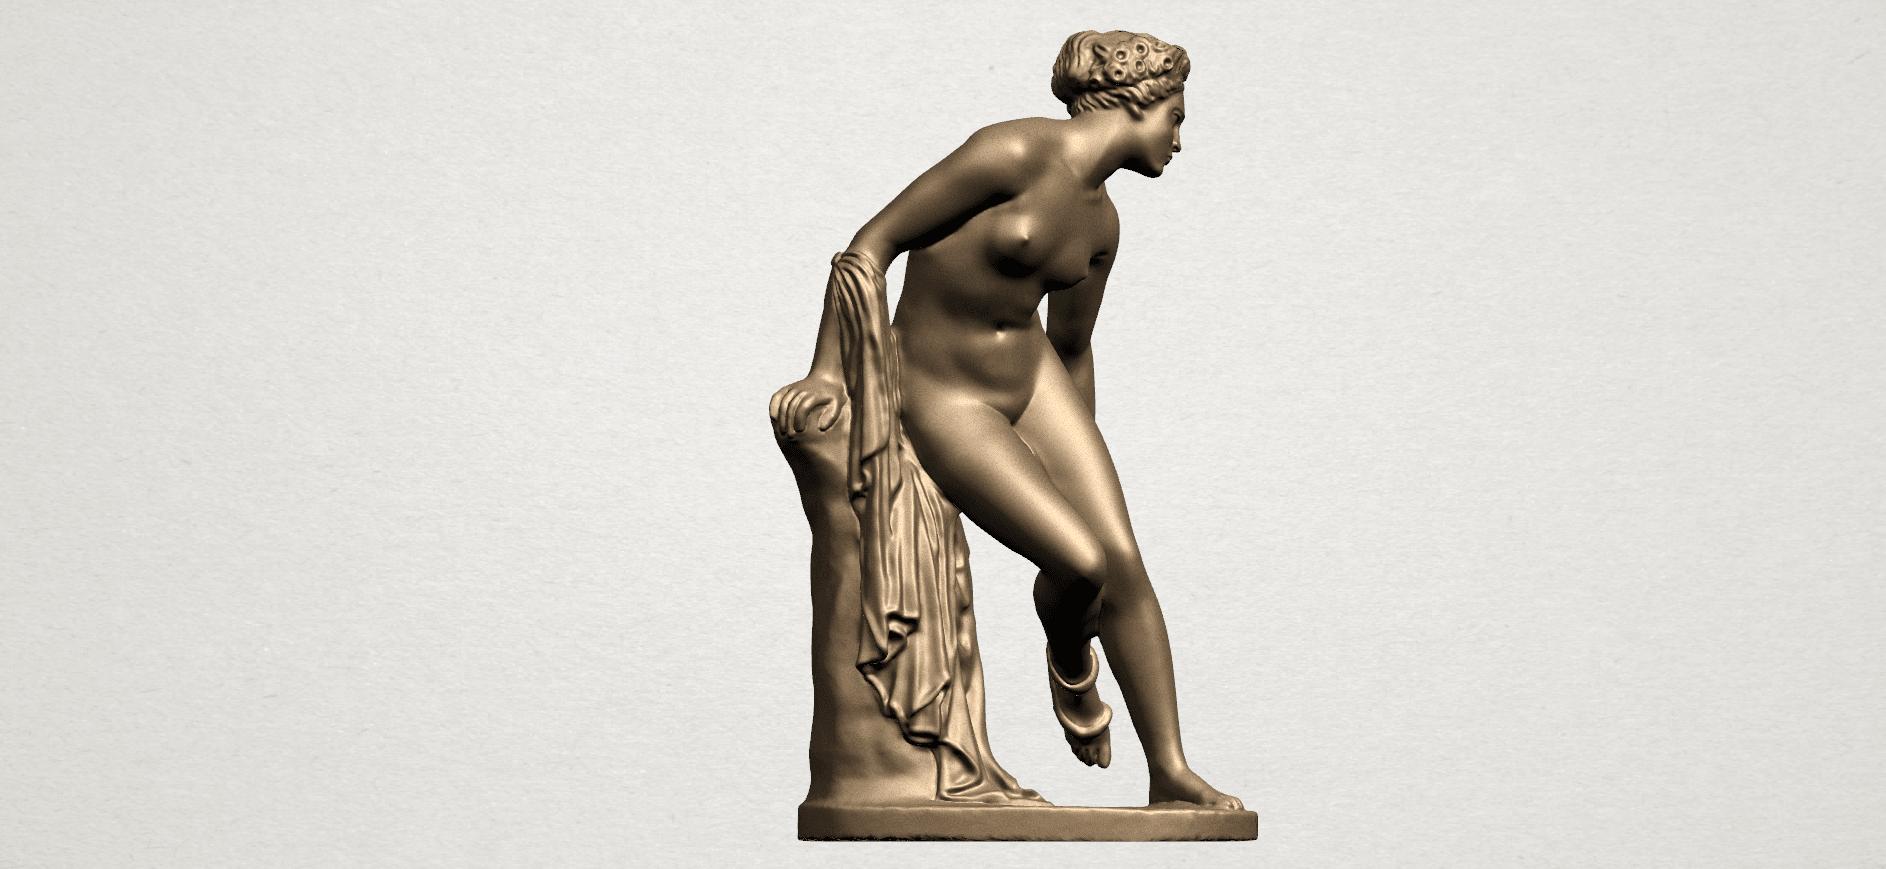 Naked Girl (v) A06.png Download free STL file Naked Girl 05 • 3D printer design, GeorgesNikkei